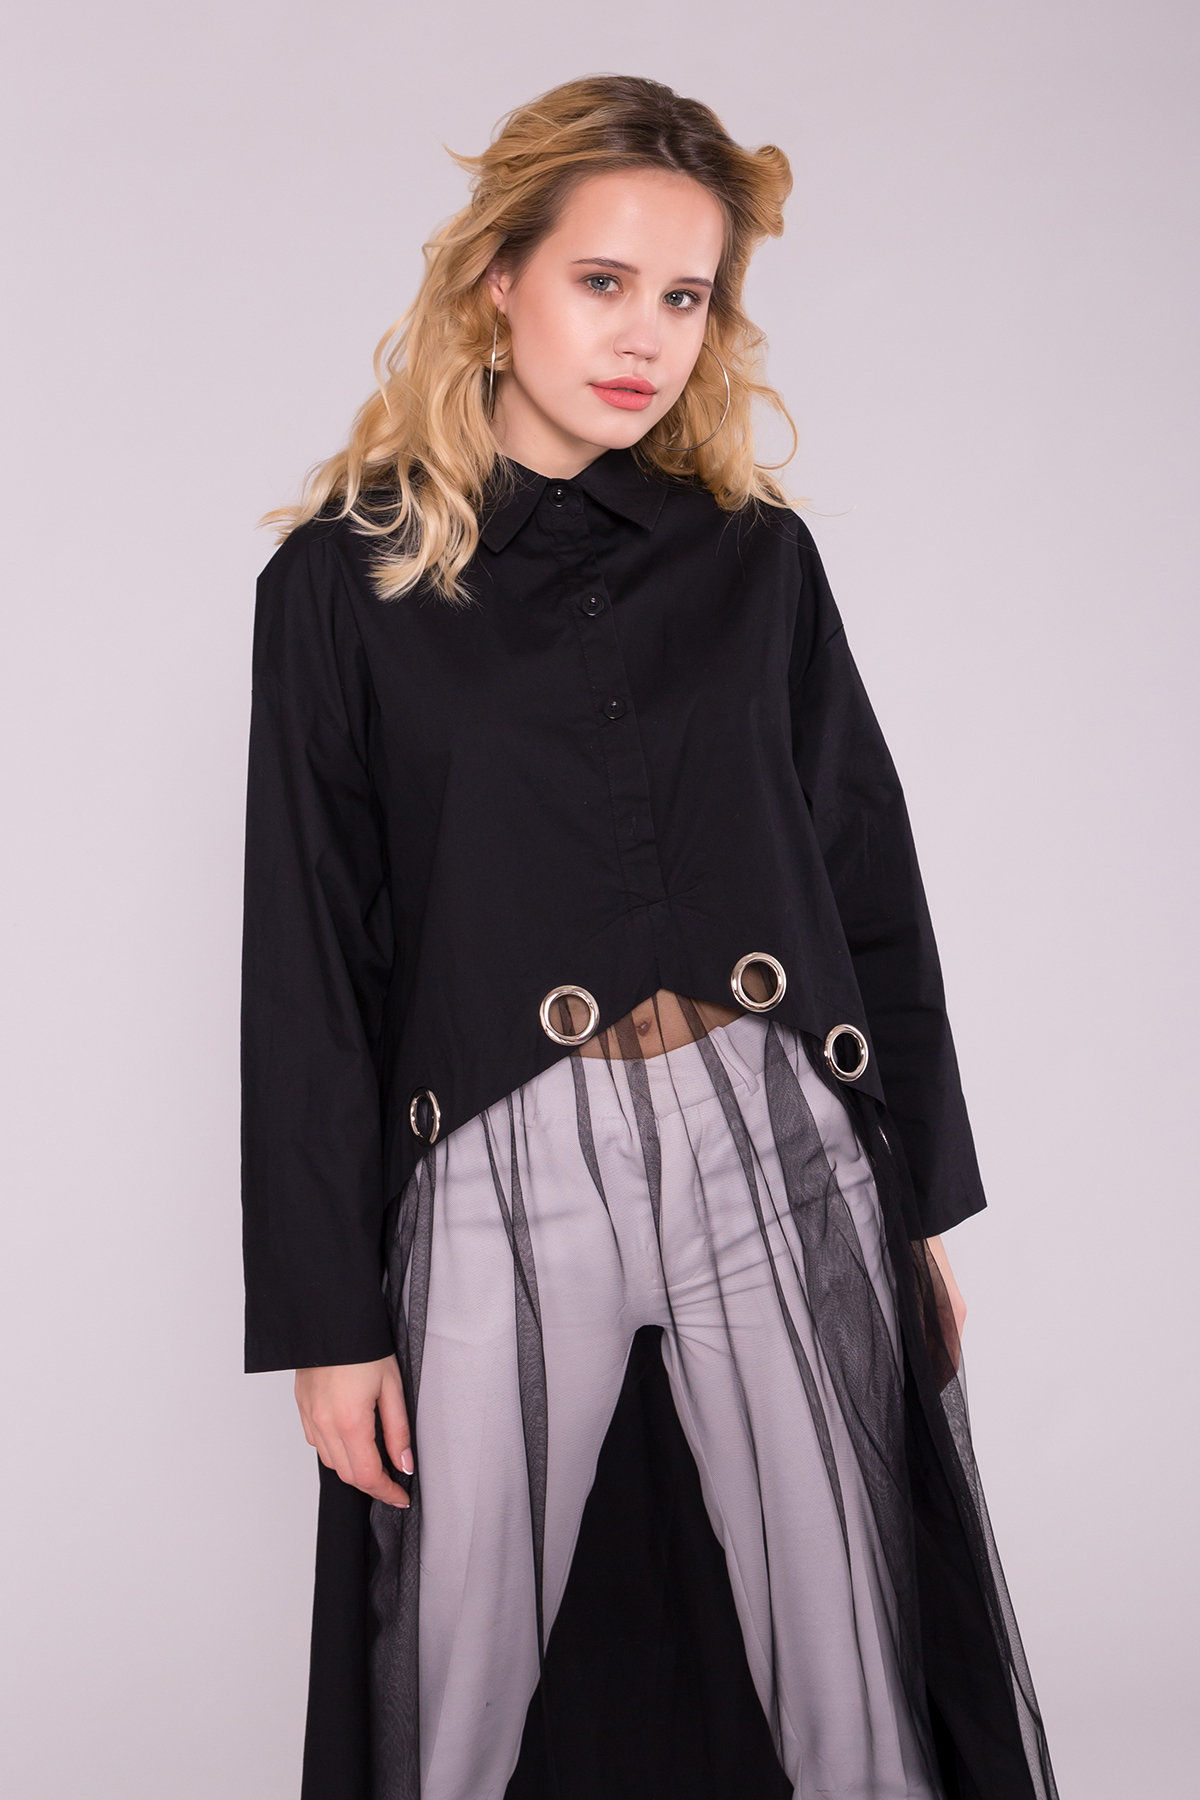 Черное Платье 7169 АРТ. 42592 Цвет: Черный - фото 3, интернет магазин tm-modus.ru